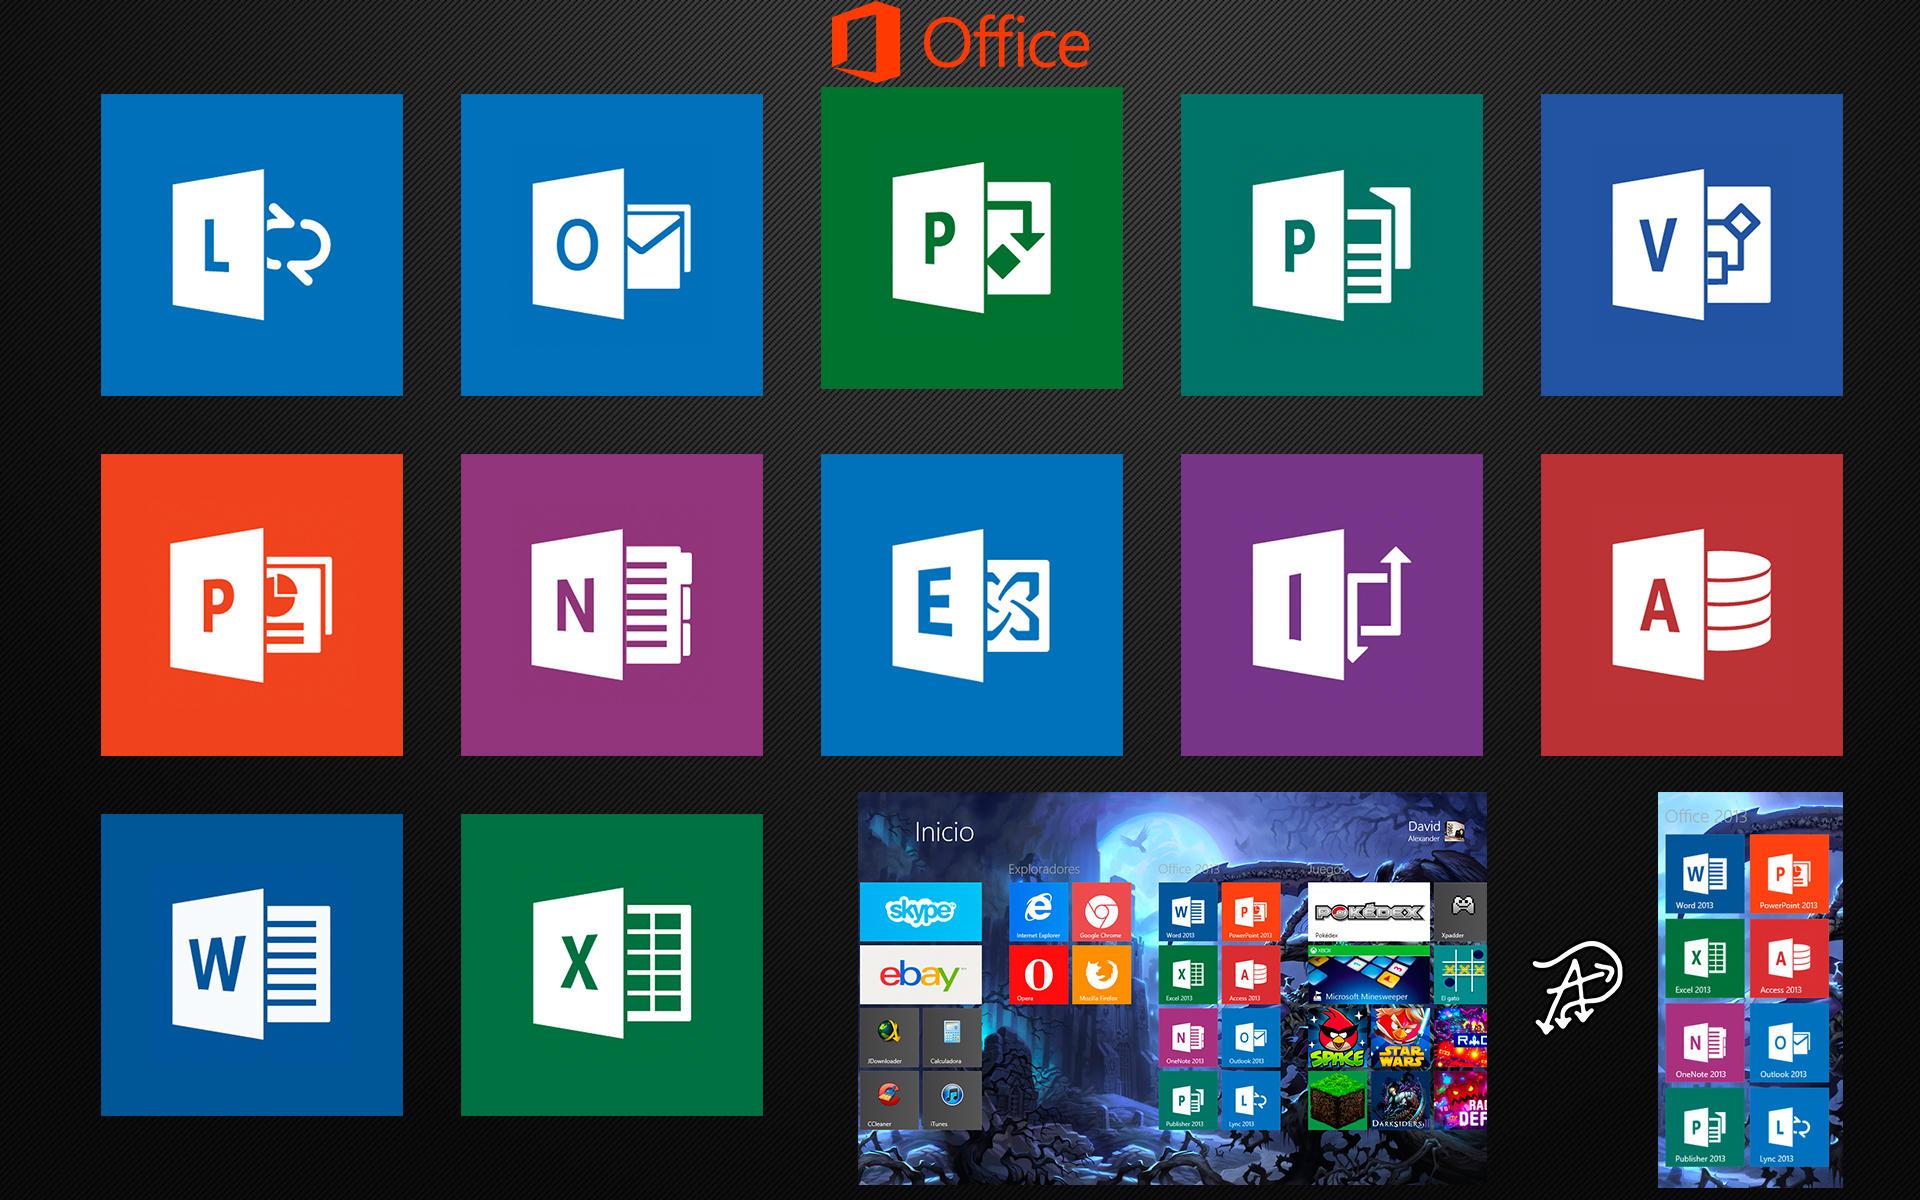 Microsoft office 2013 keygen download free youtube.